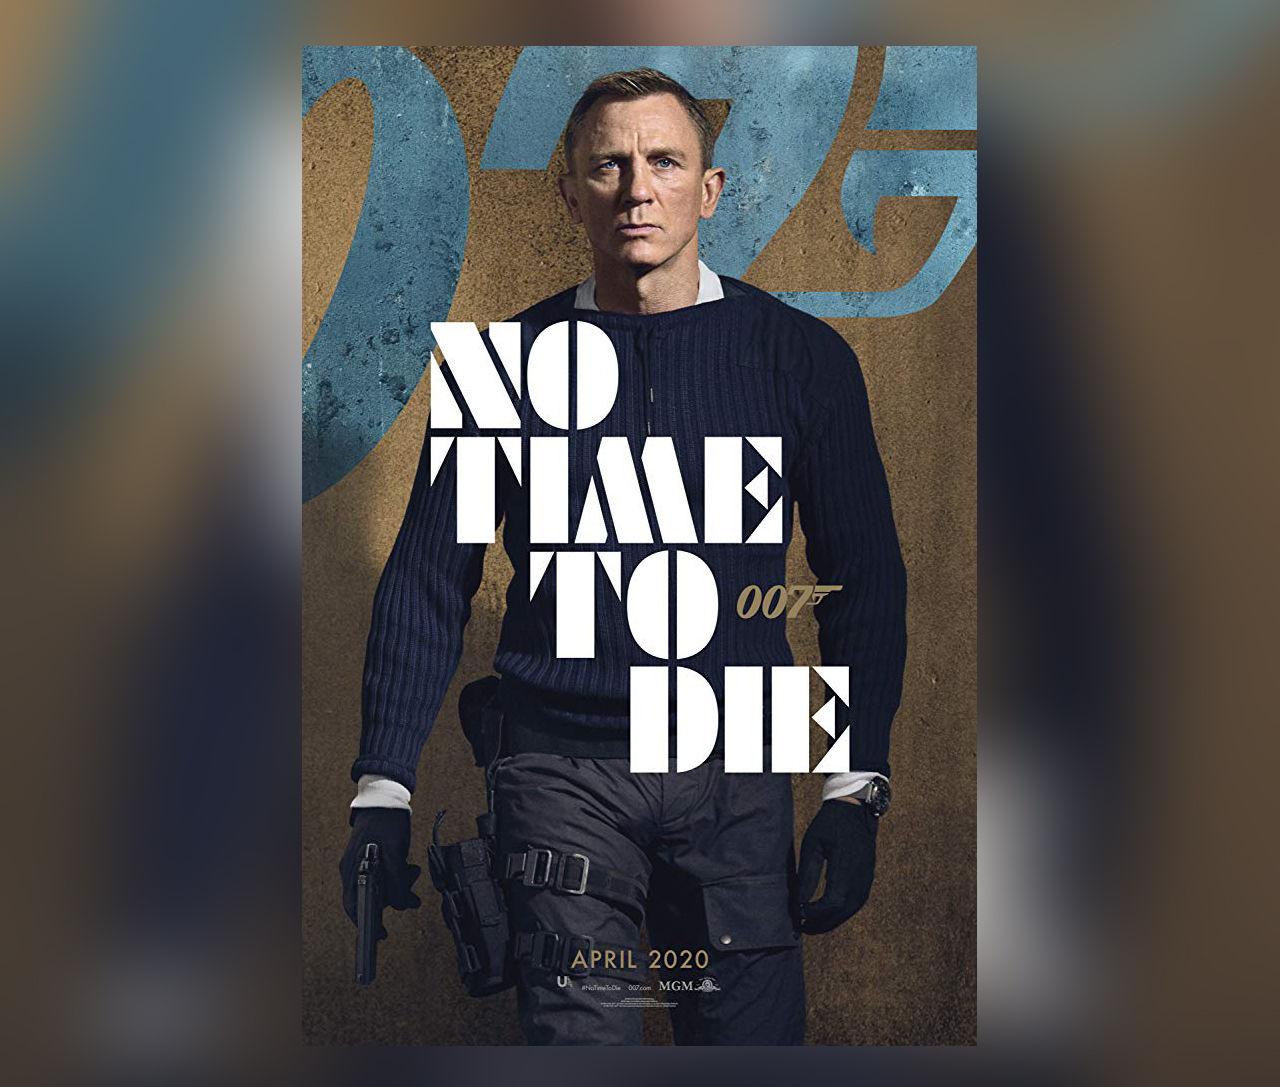 James Bond-premiär flyttas fram på grund av Covid-19